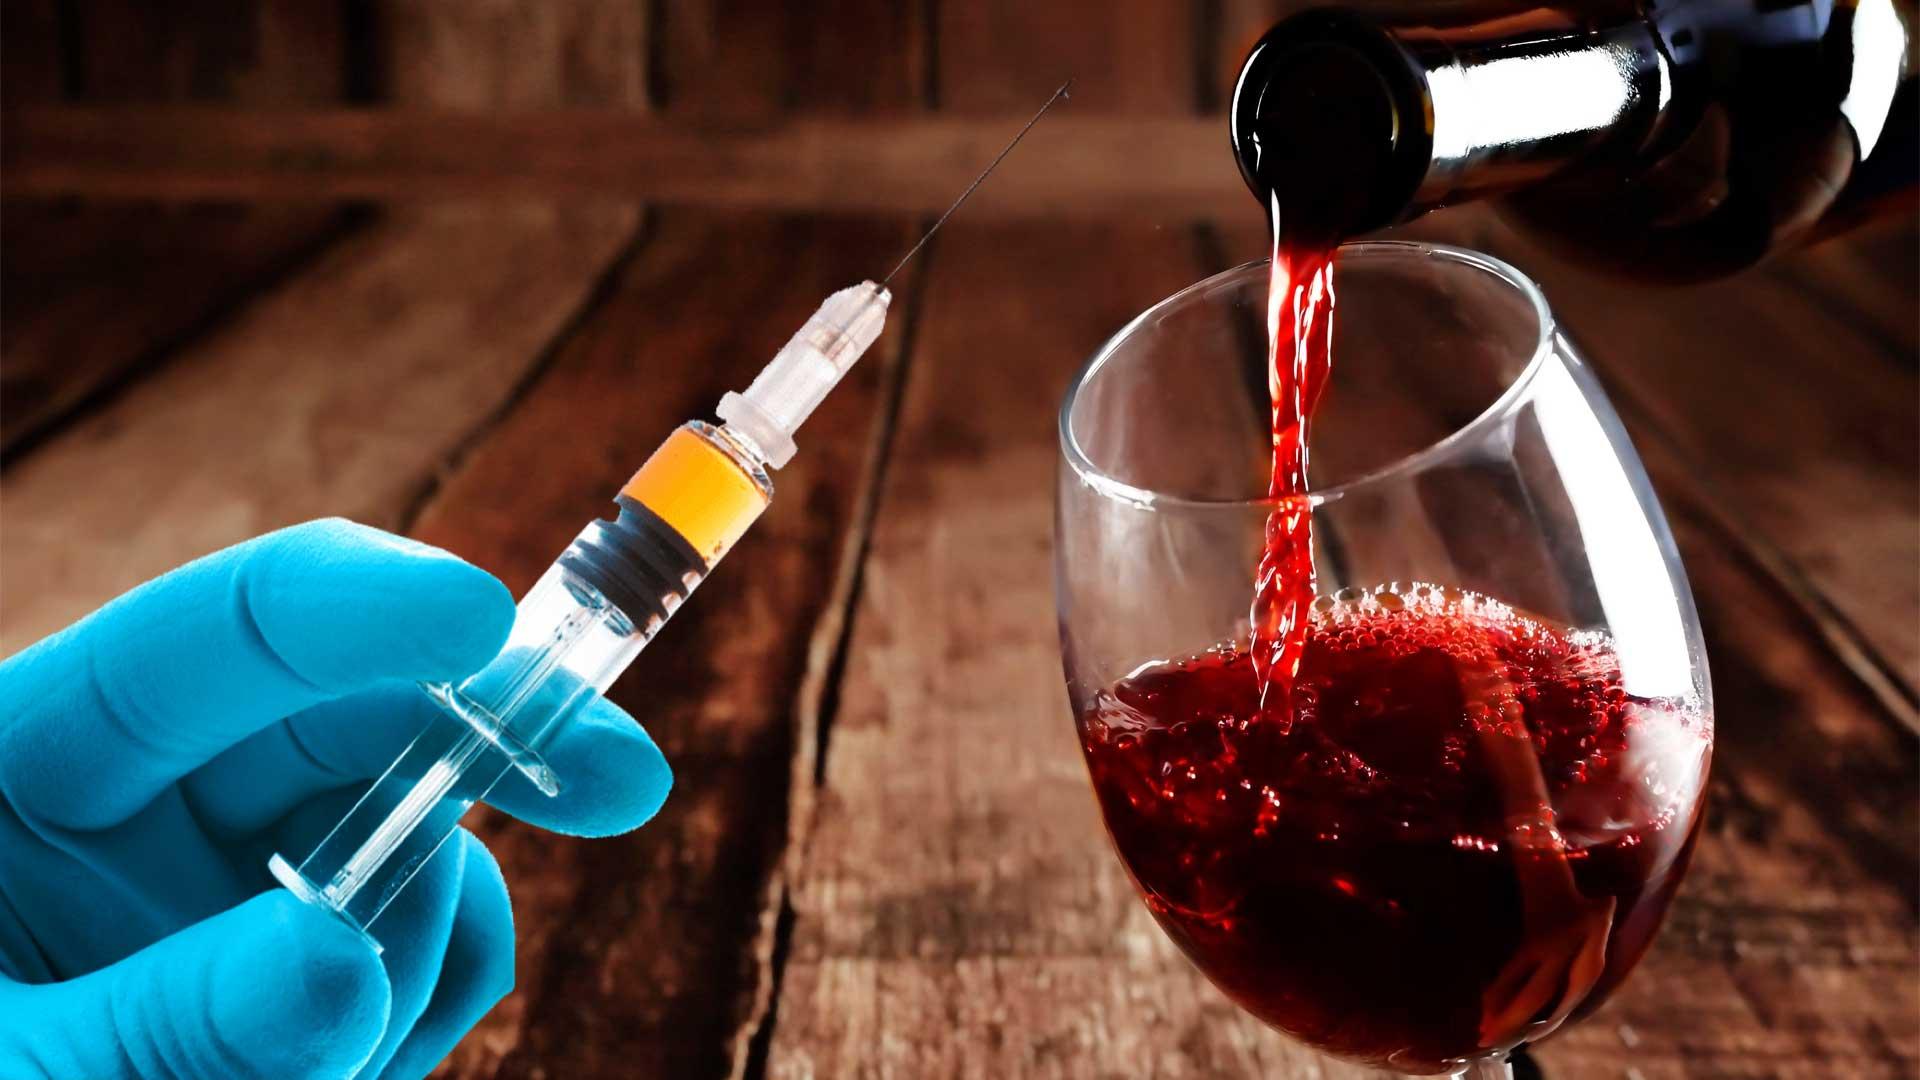 Tomar uma taça de vinho ao dia pode aumentar a eficácia de vacinas diz estudo